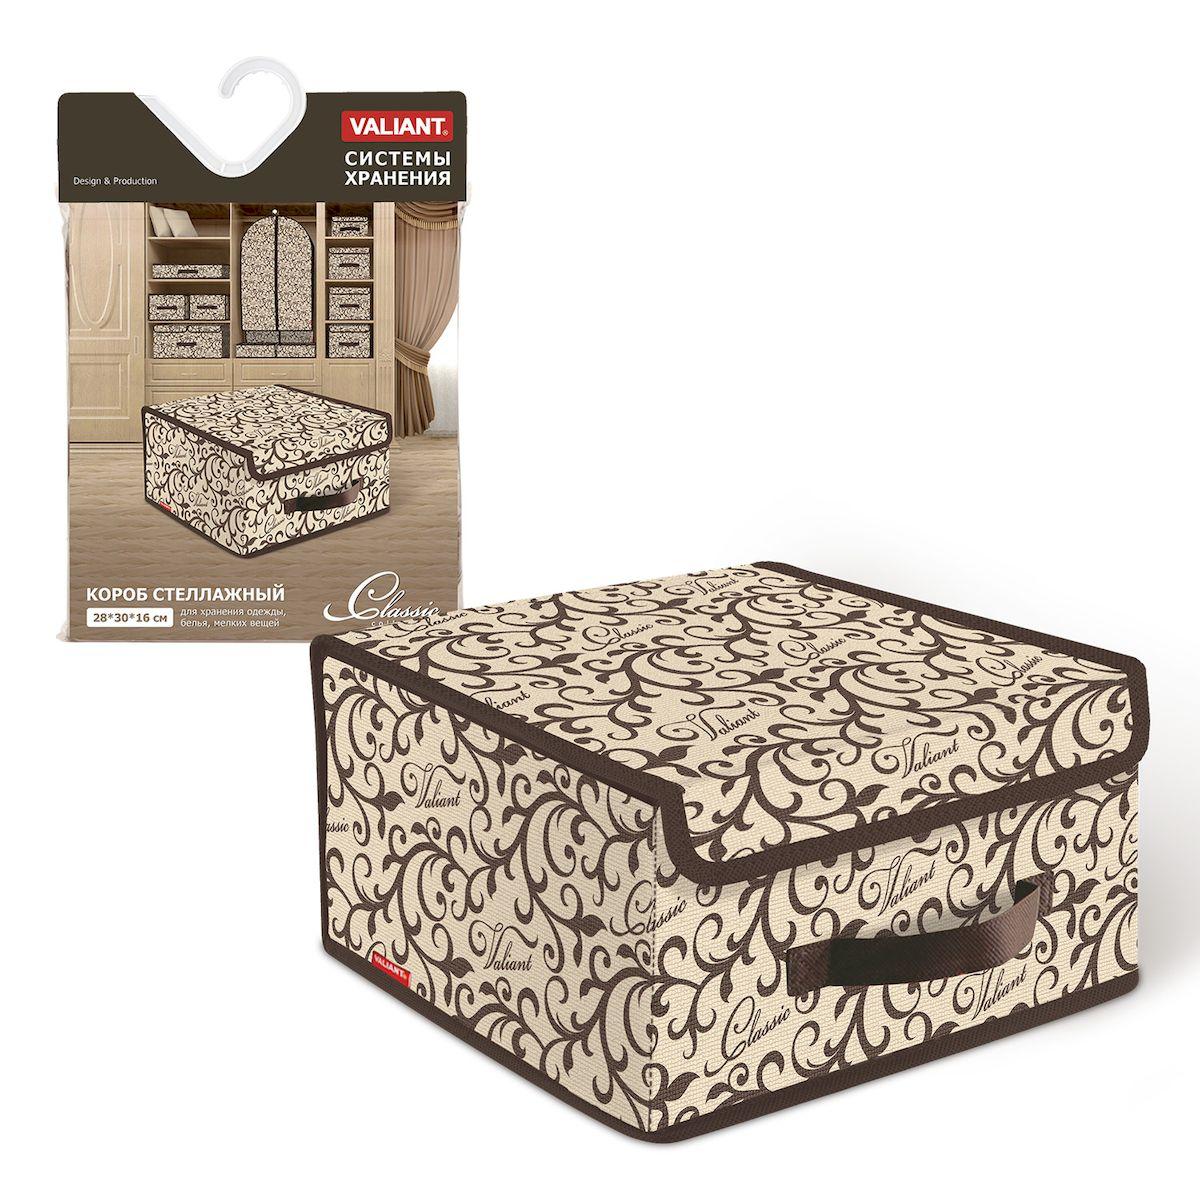 Короб стеллажный Valiant Classic, с крышкой, 28 х 30 х 16 смZ-0307Стеллажный короб Valiant Classic изготовлен из высококачественного нетканого материала, который обеспечивает естественную вентиляцию, позволяя воздуху проникать внутрь, но не пропускает пыль. Вставки из плотного картона хорошо держат форму. Короб снабжен специальной крышкой, которая фиксируется с помощью липучек. Изделие отличается мобильностью: легко раскладывается и складывается. В таком коробе удобно хранить одежду, белье и мелкие аксессуары. Оригинальный дизайн Classic погружает в романтическую атмосферу. Система хранения в едином дизайне станет стильным акцентом в современном гардеробе.